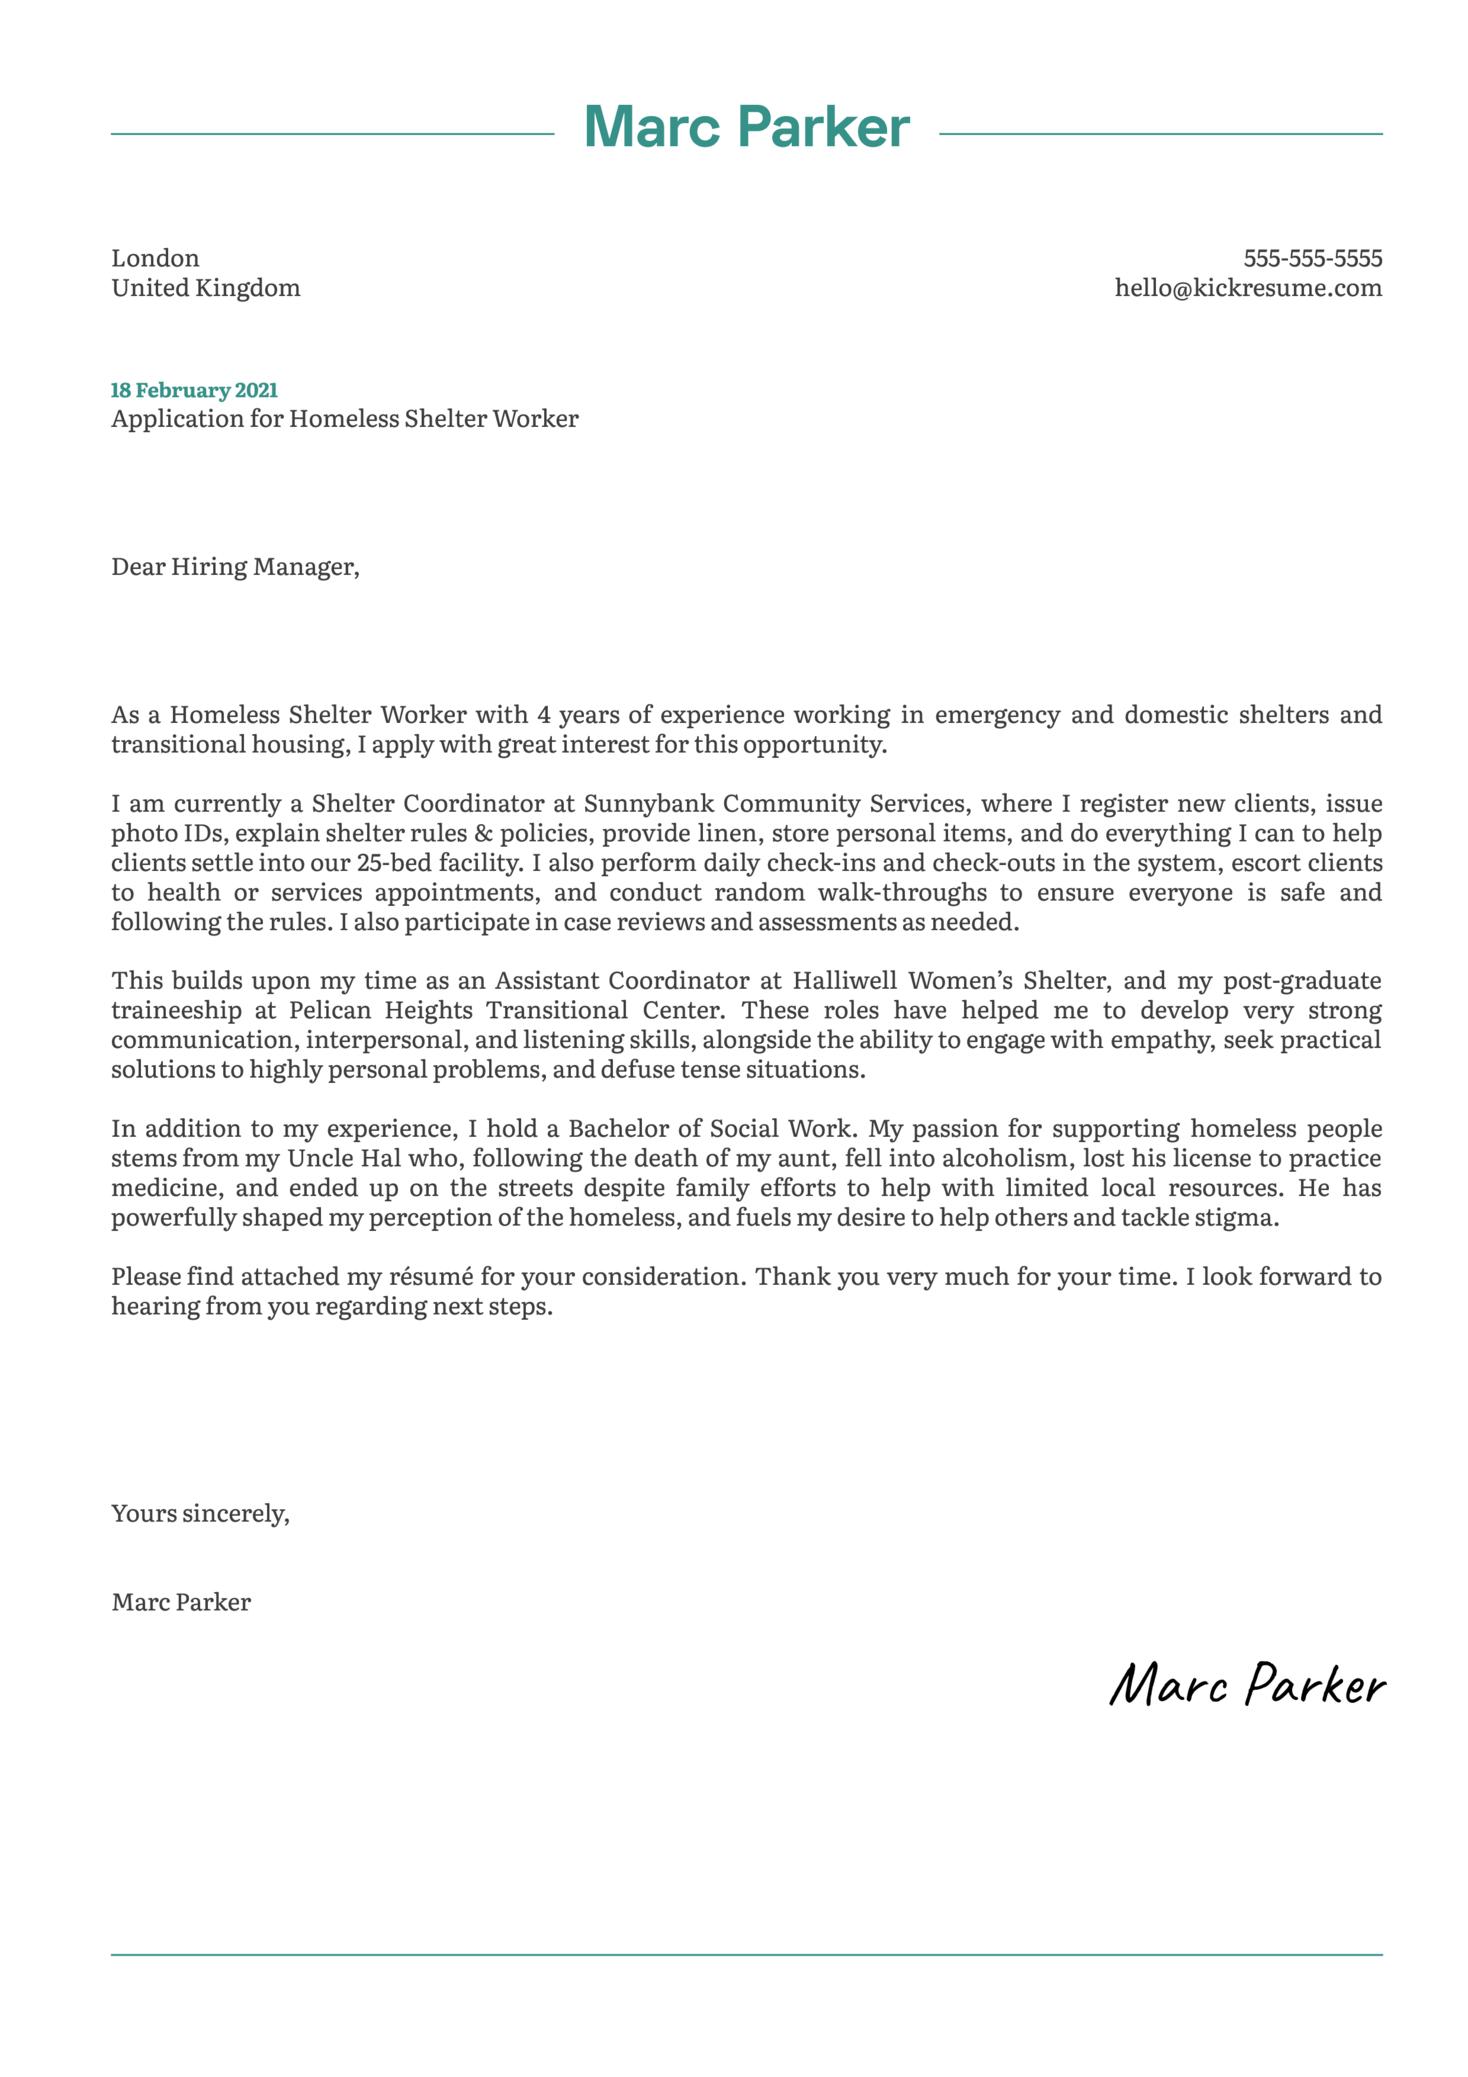 Homeless Shelter Worker Cover Letter Example